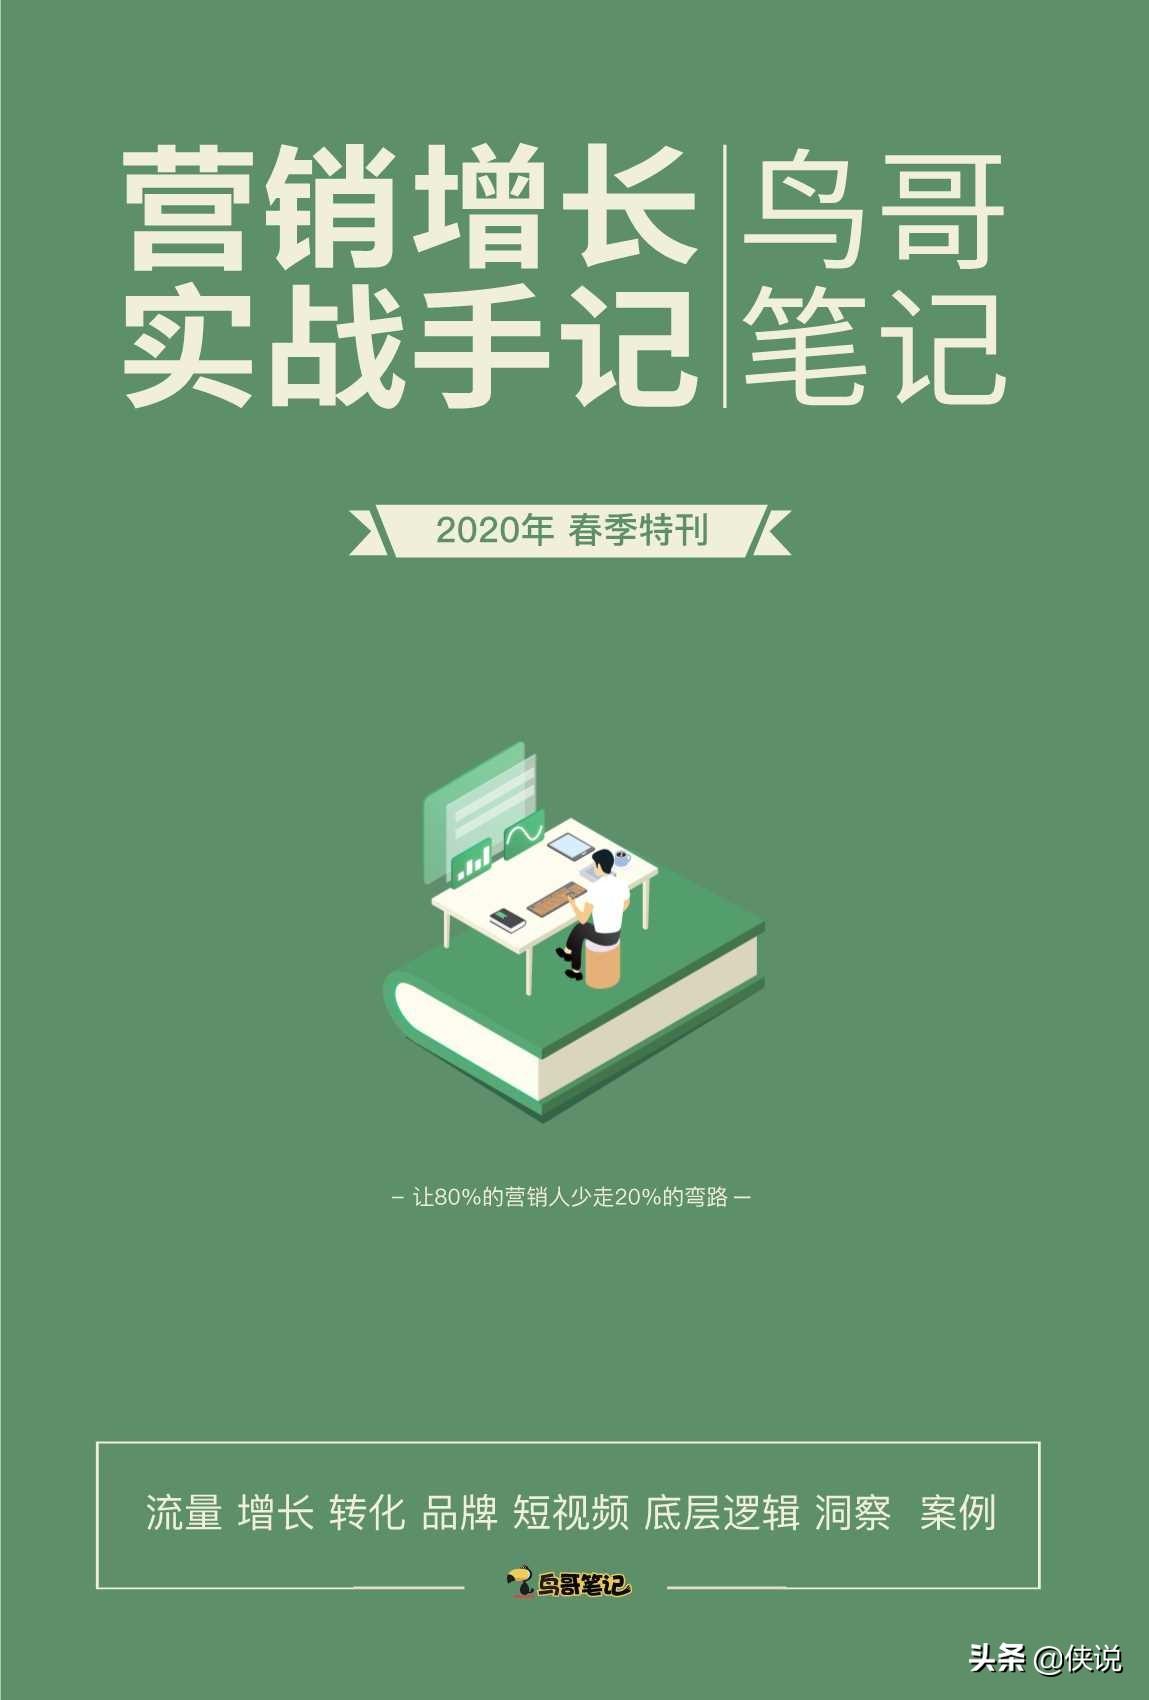 【鸟哥笔记】运营增长实战手记小黄书、小黑书、小绿书集结